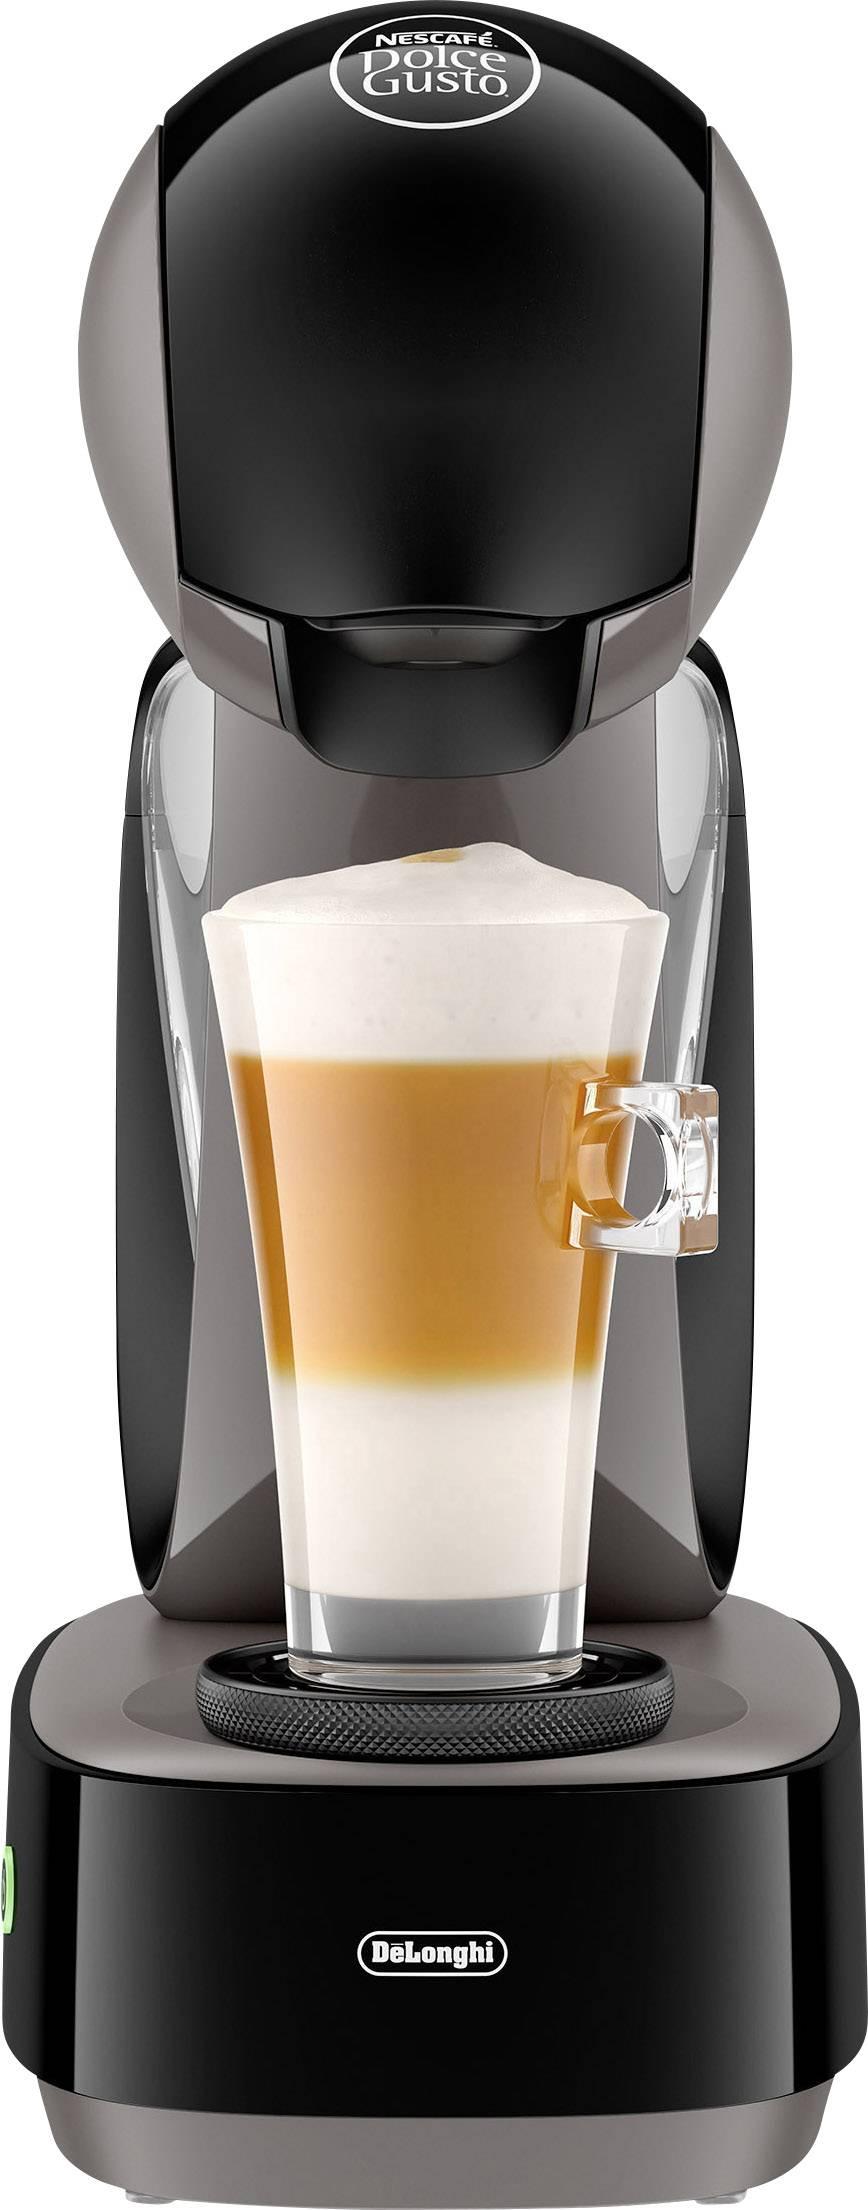 Bruksanvisning för Dolce Gusto Krups kaffebryggare. Dolce